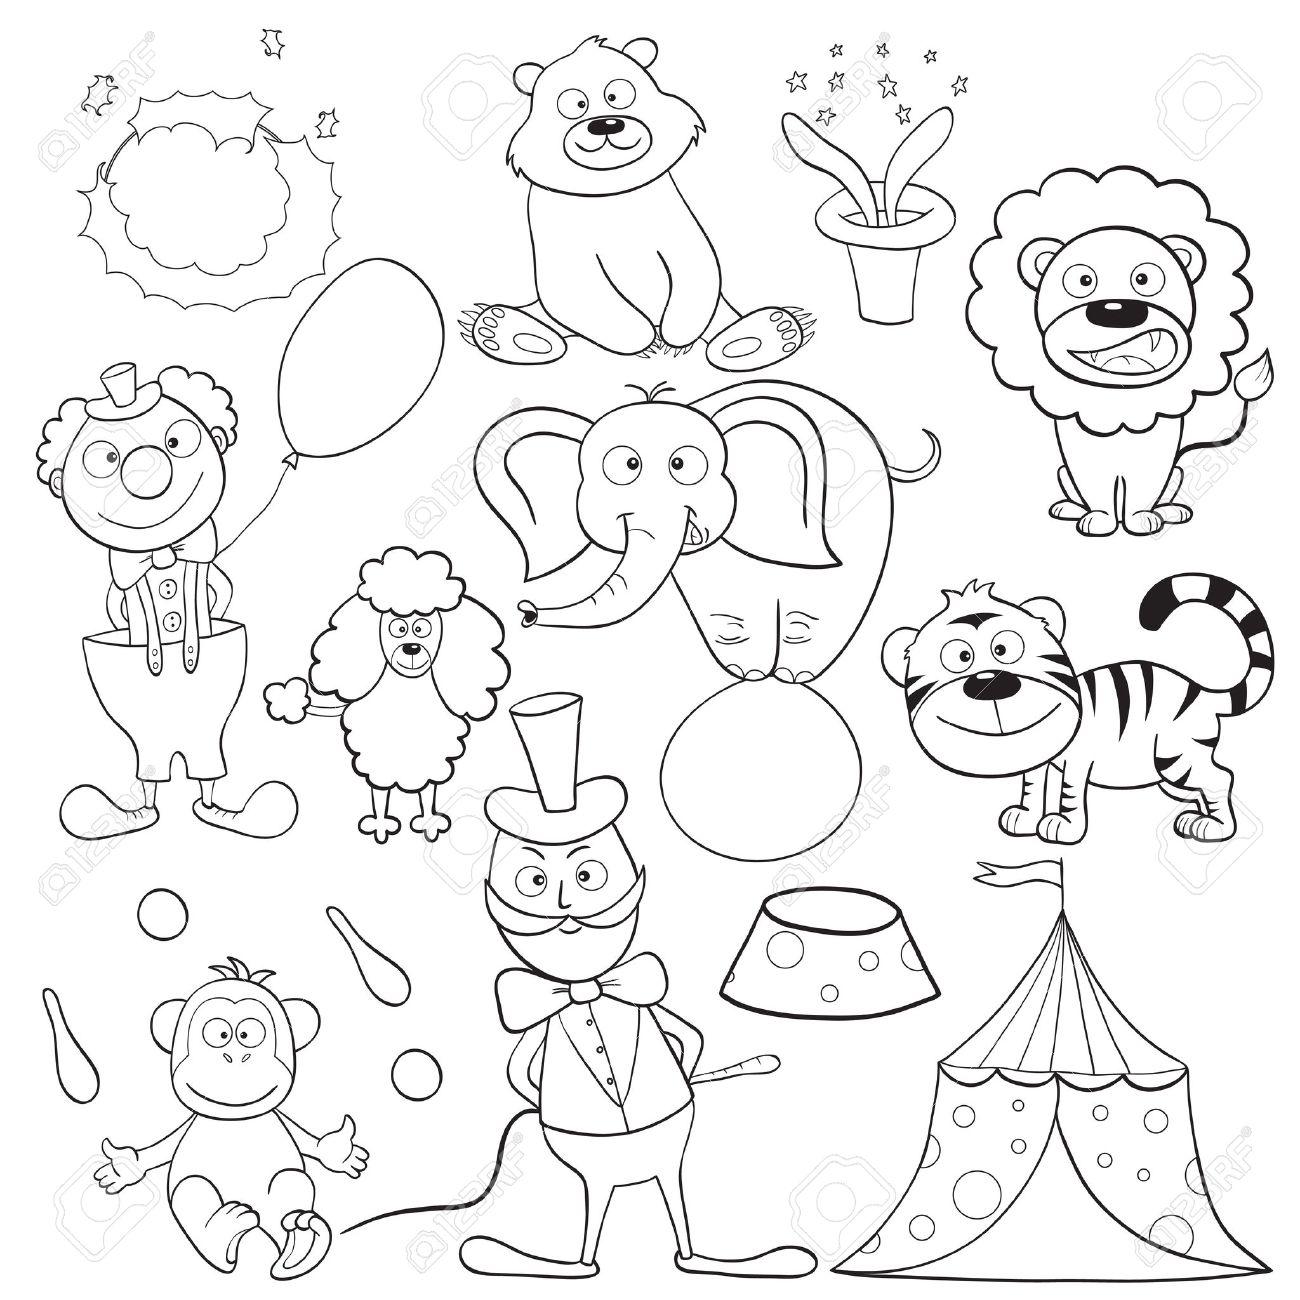 Esbozado Los Elementos De Circo Lindo De Dibujos Animados De Libro